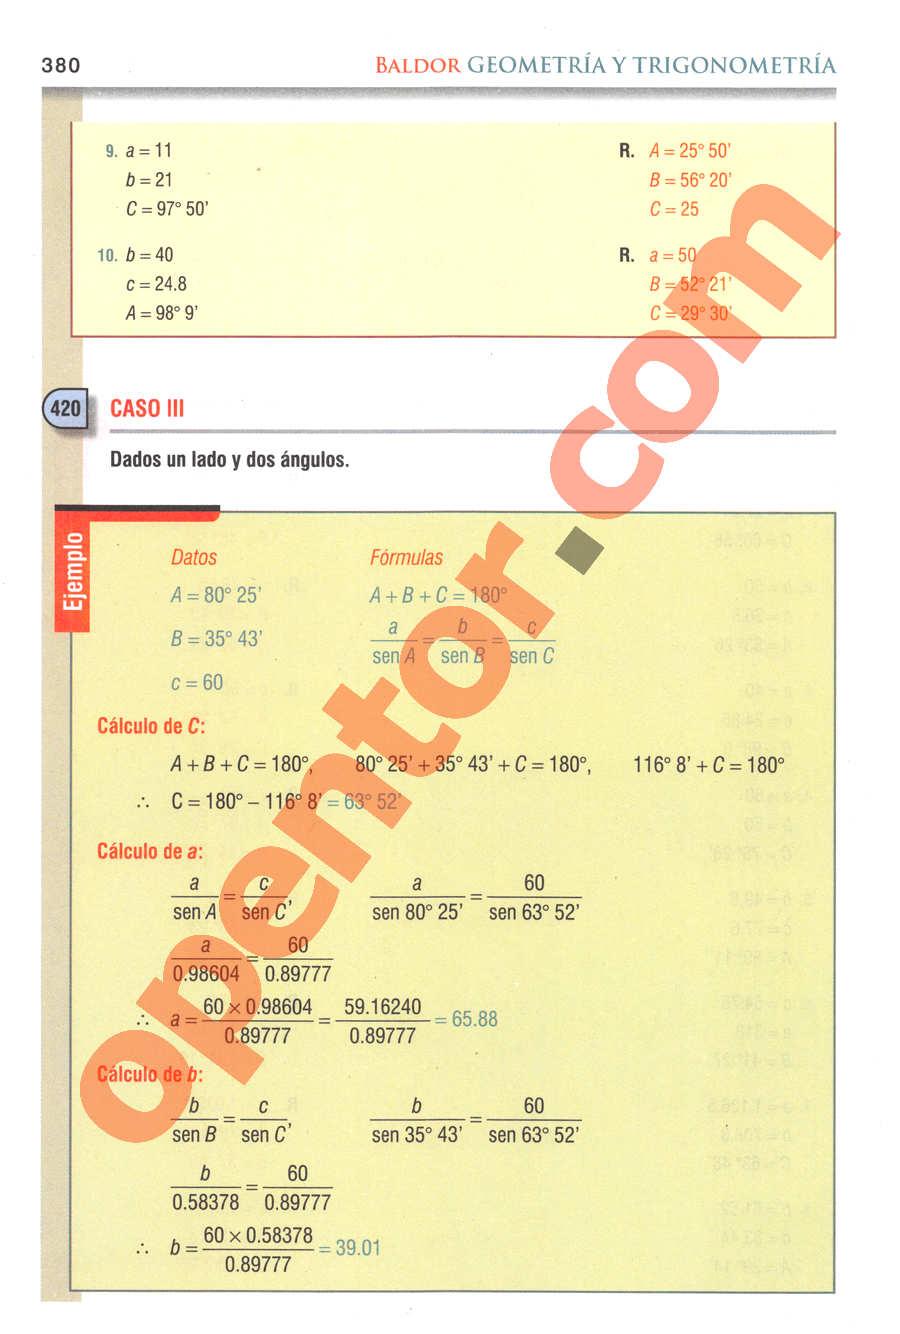 Geometría y Trigonometría de Baldor - Página 380